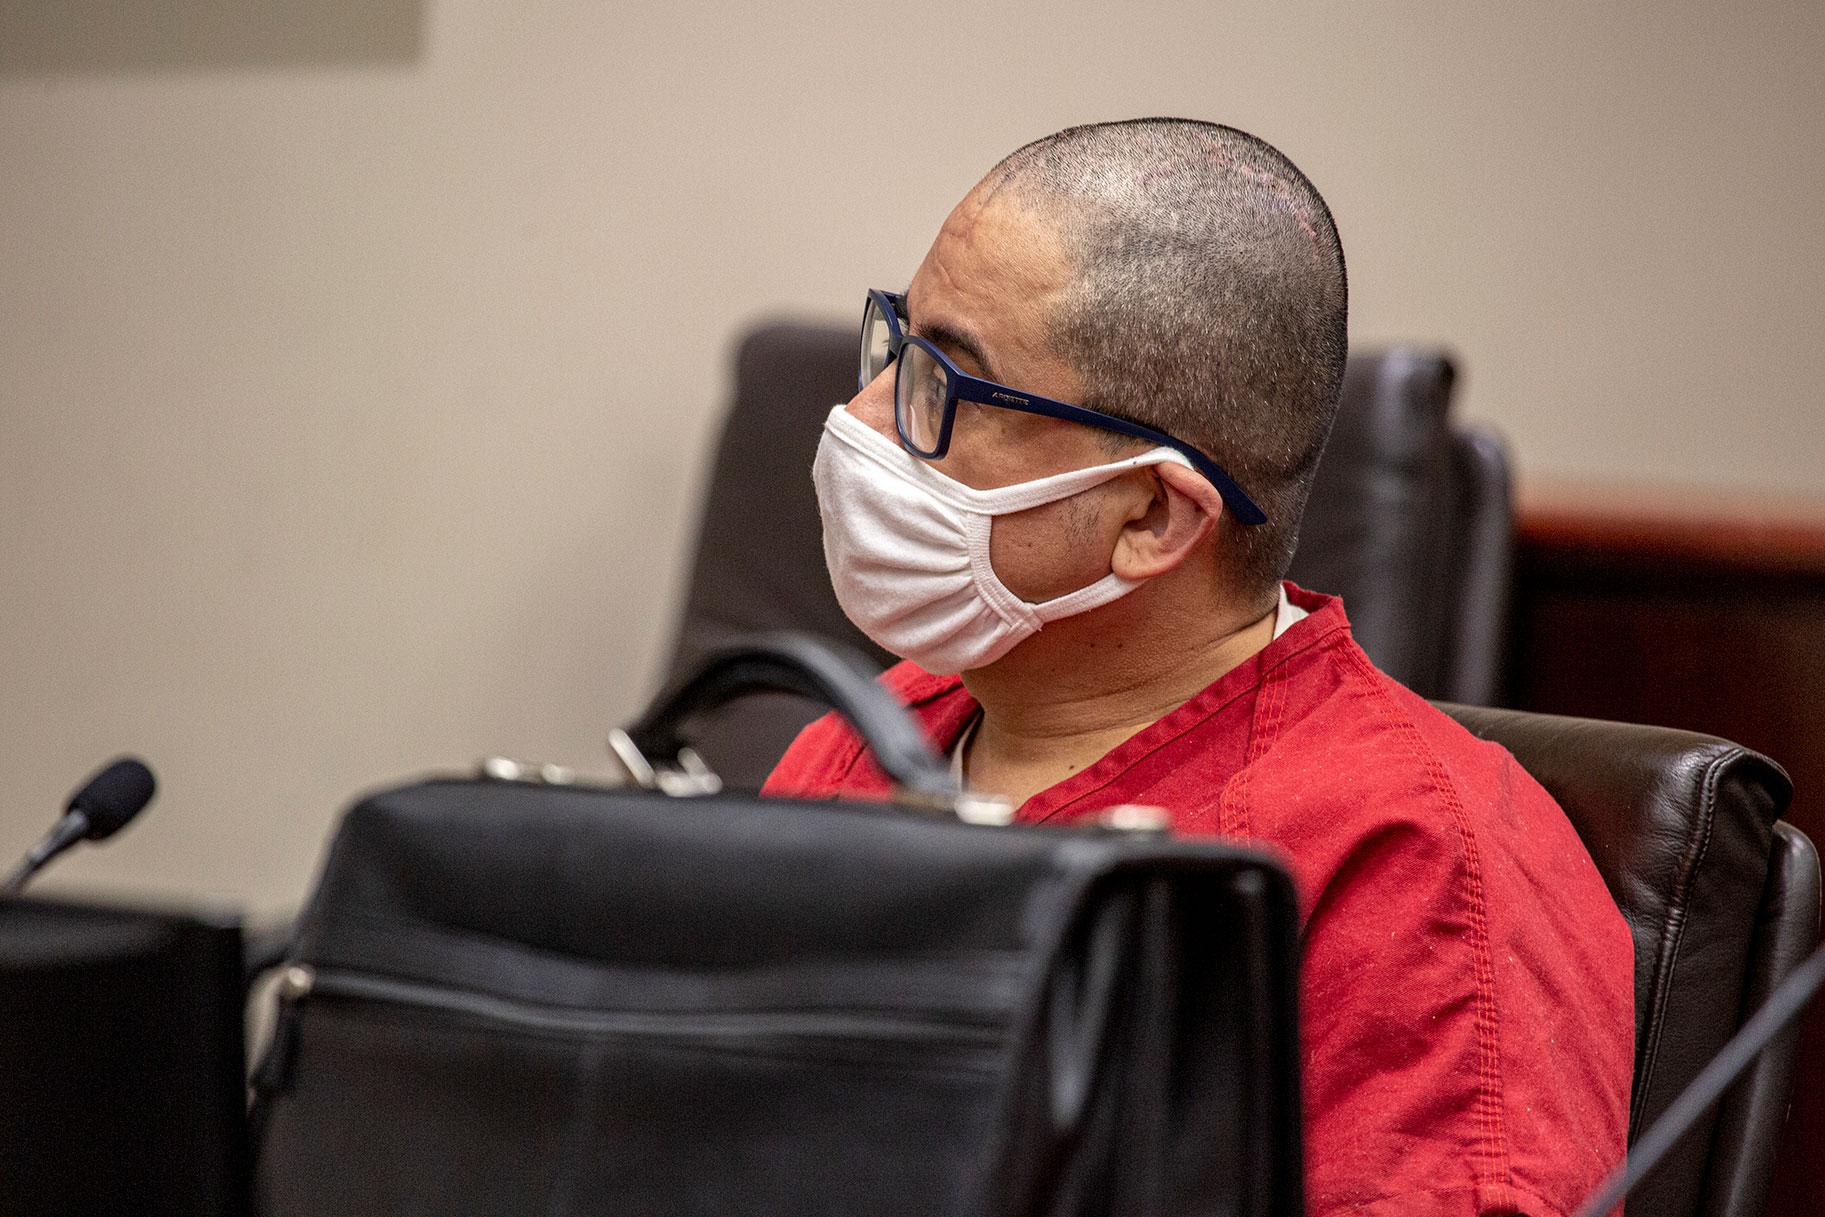 Άνδρας που καταδικάστηκε σε θάνατο για απαγωγή, σκοτώνοντας έφηβο που περπατούσε στο σπίτι του φίλου μετά το σχολείο